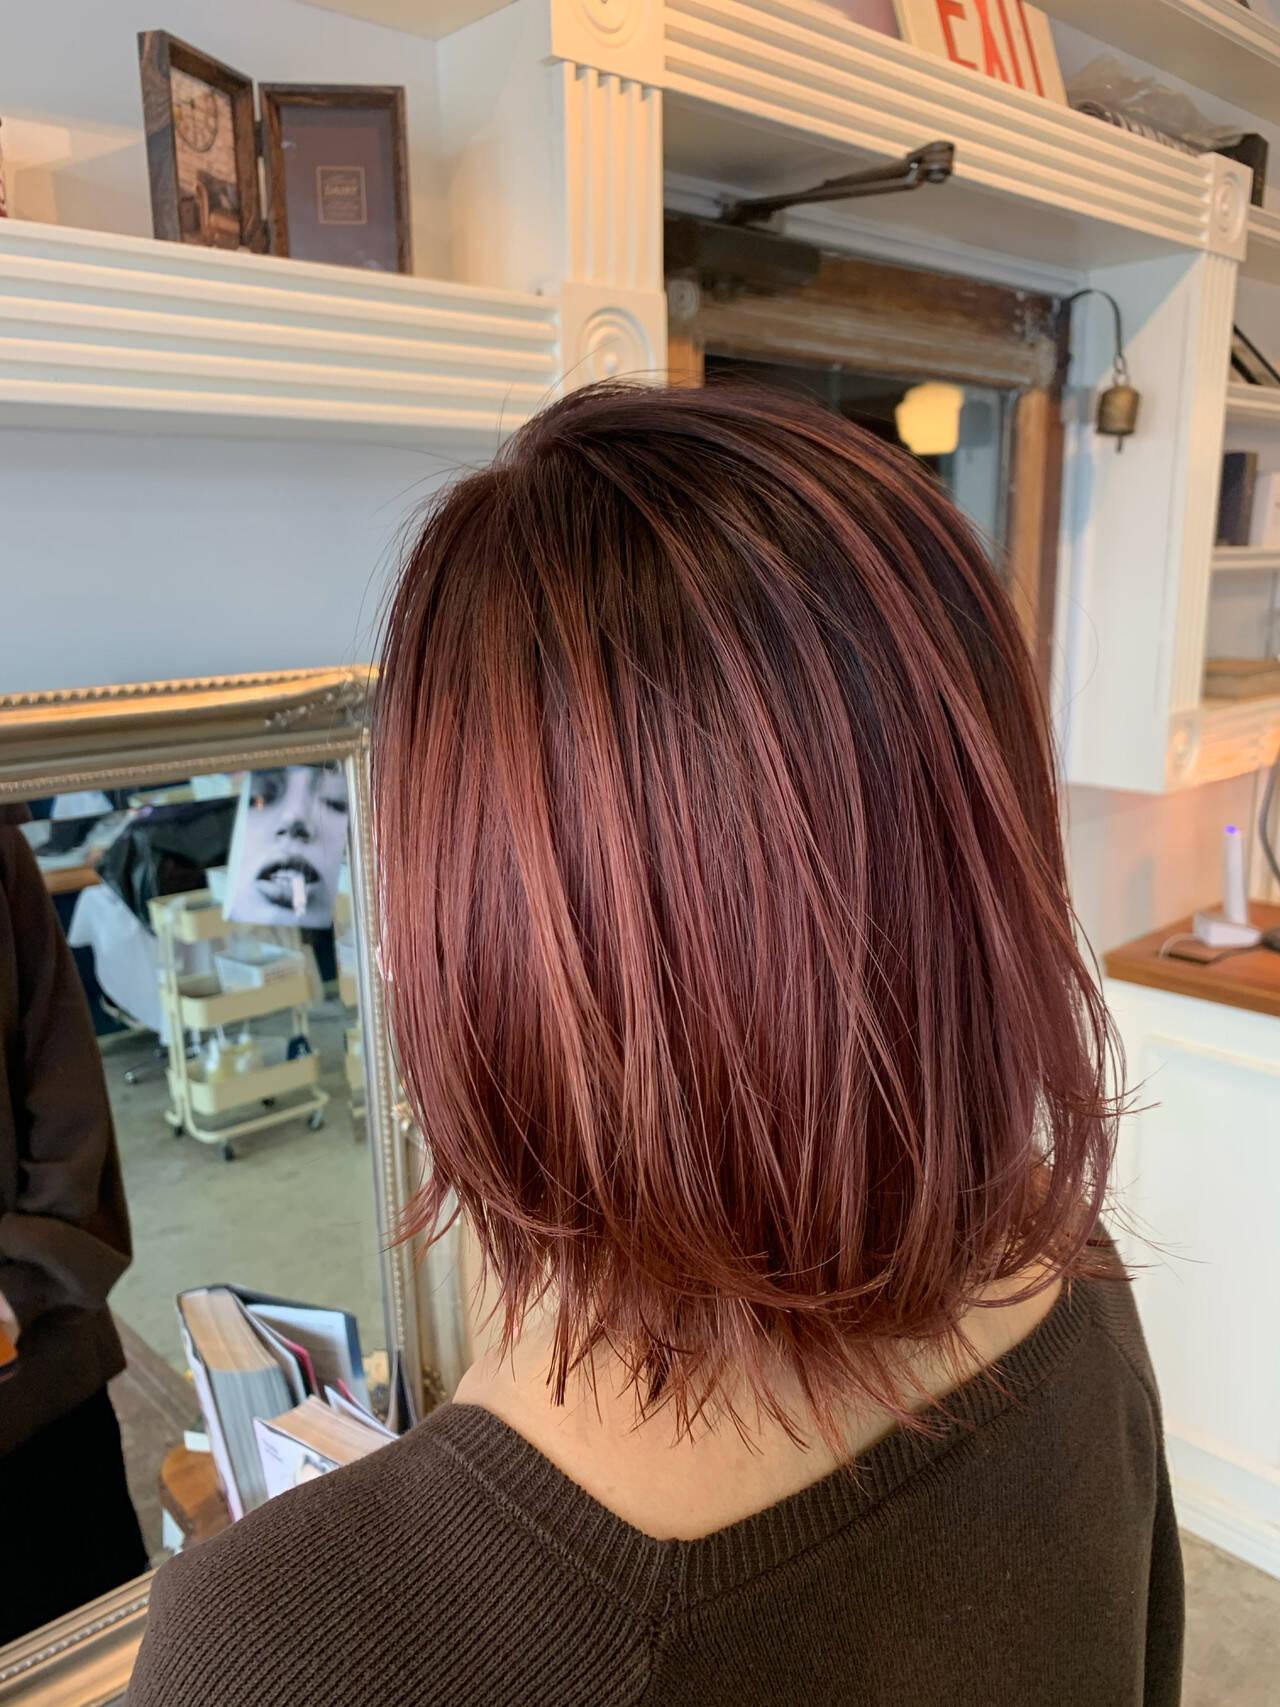 ミディアム ピンクラベンダー シースルーバング ラベンダーカラーヘアスタイルや髪型の写真・画像